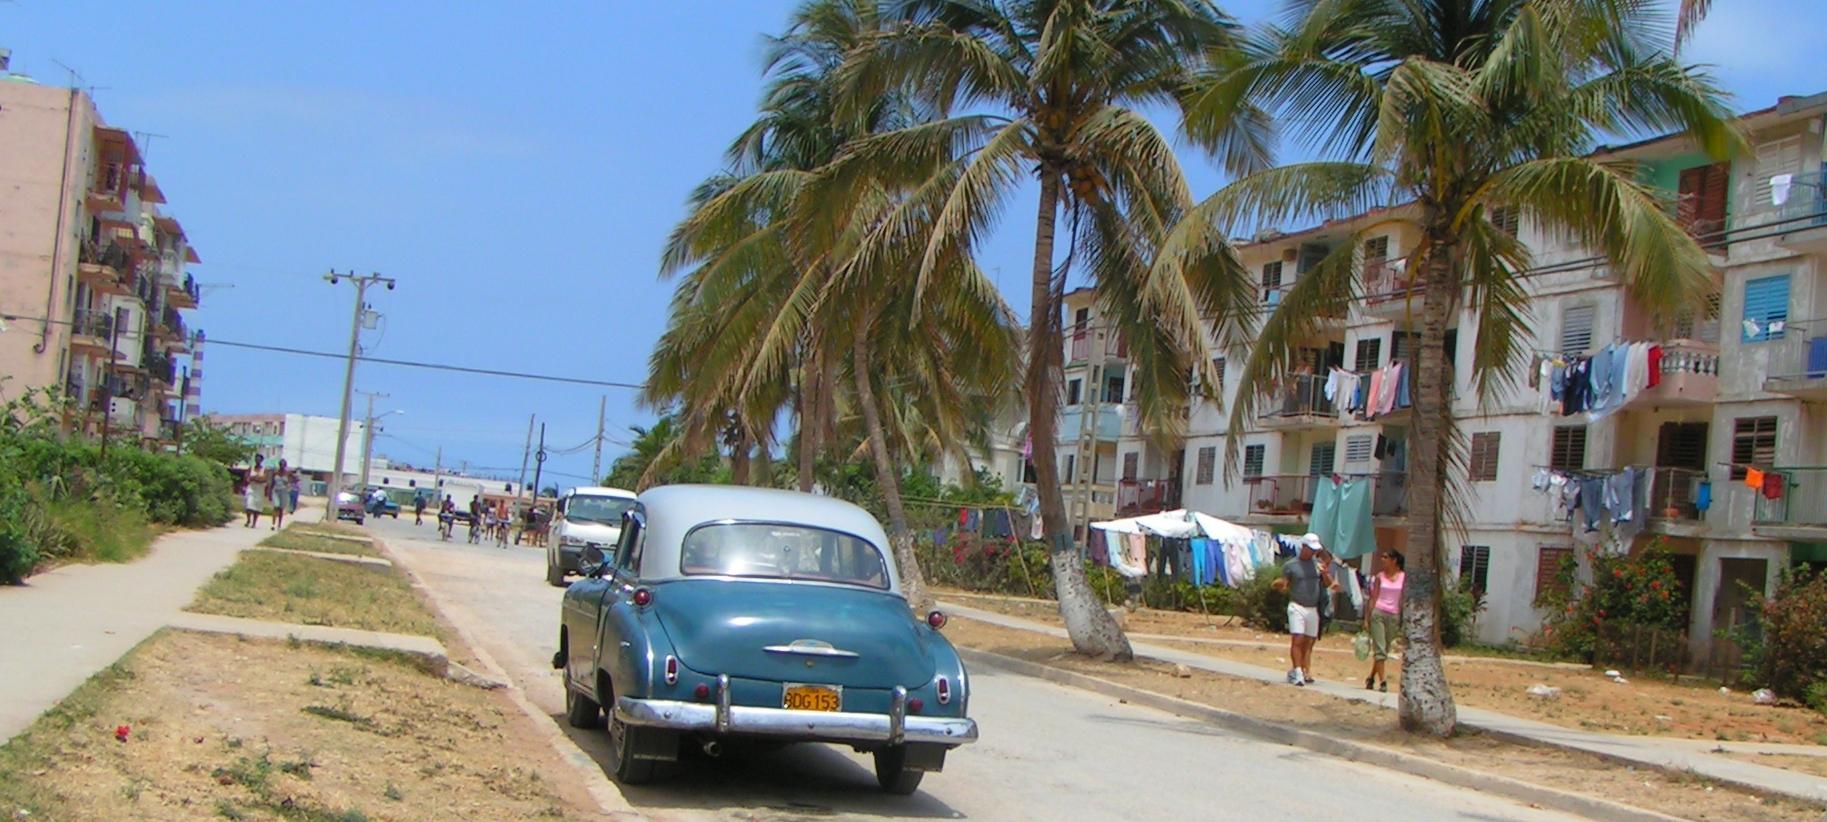 Santa Cruz del Norte.jpg